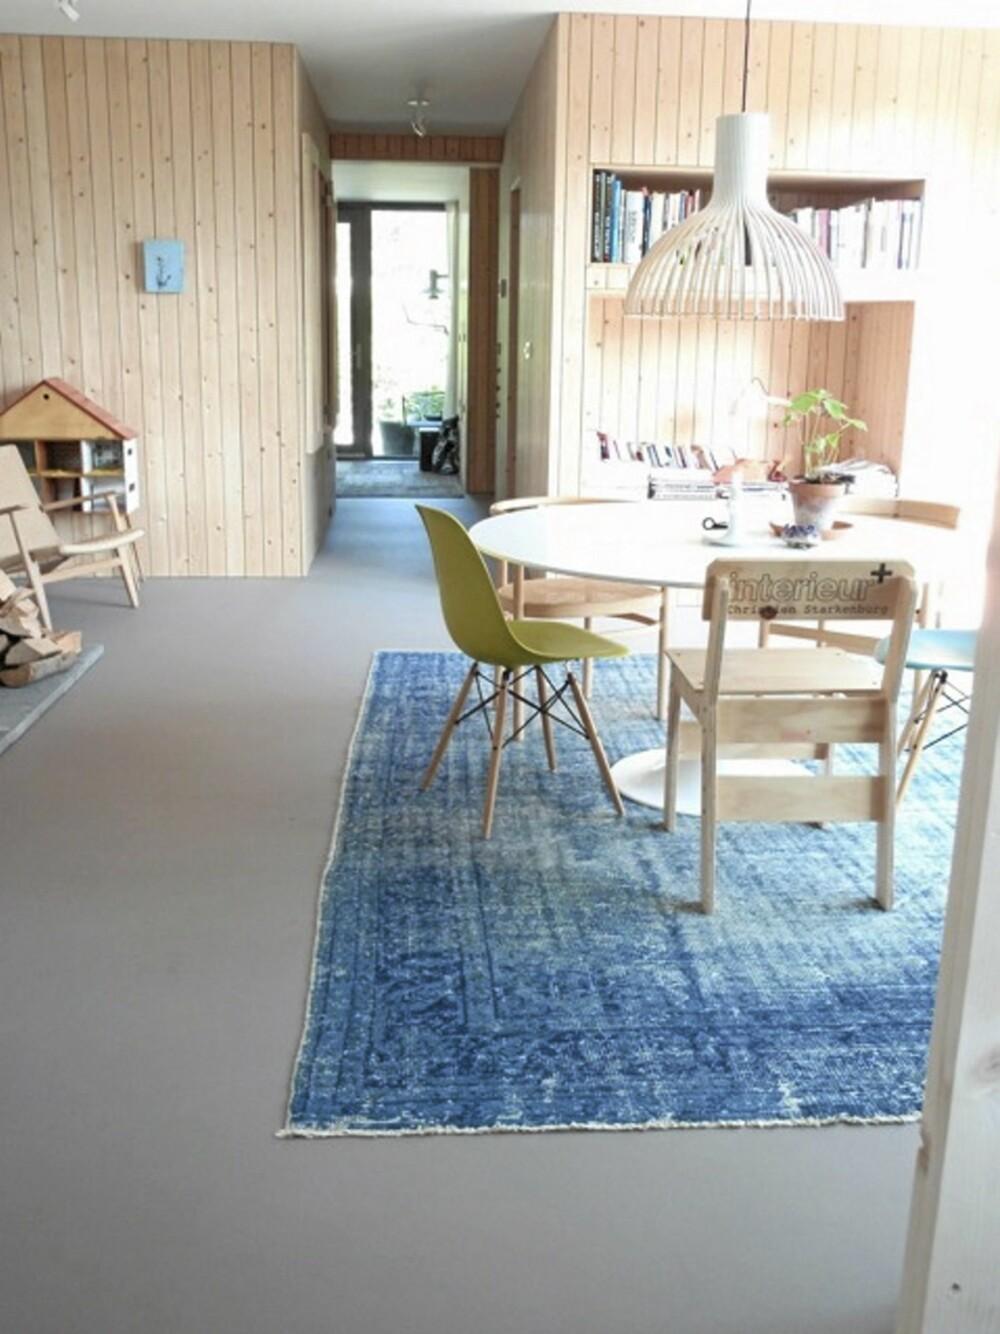 SKANDINAVISK STIL: Rene linjer, naturmaterialer og nøktern inrredning kjennetegner en skandinavisk stil og boligen til Starkenburg